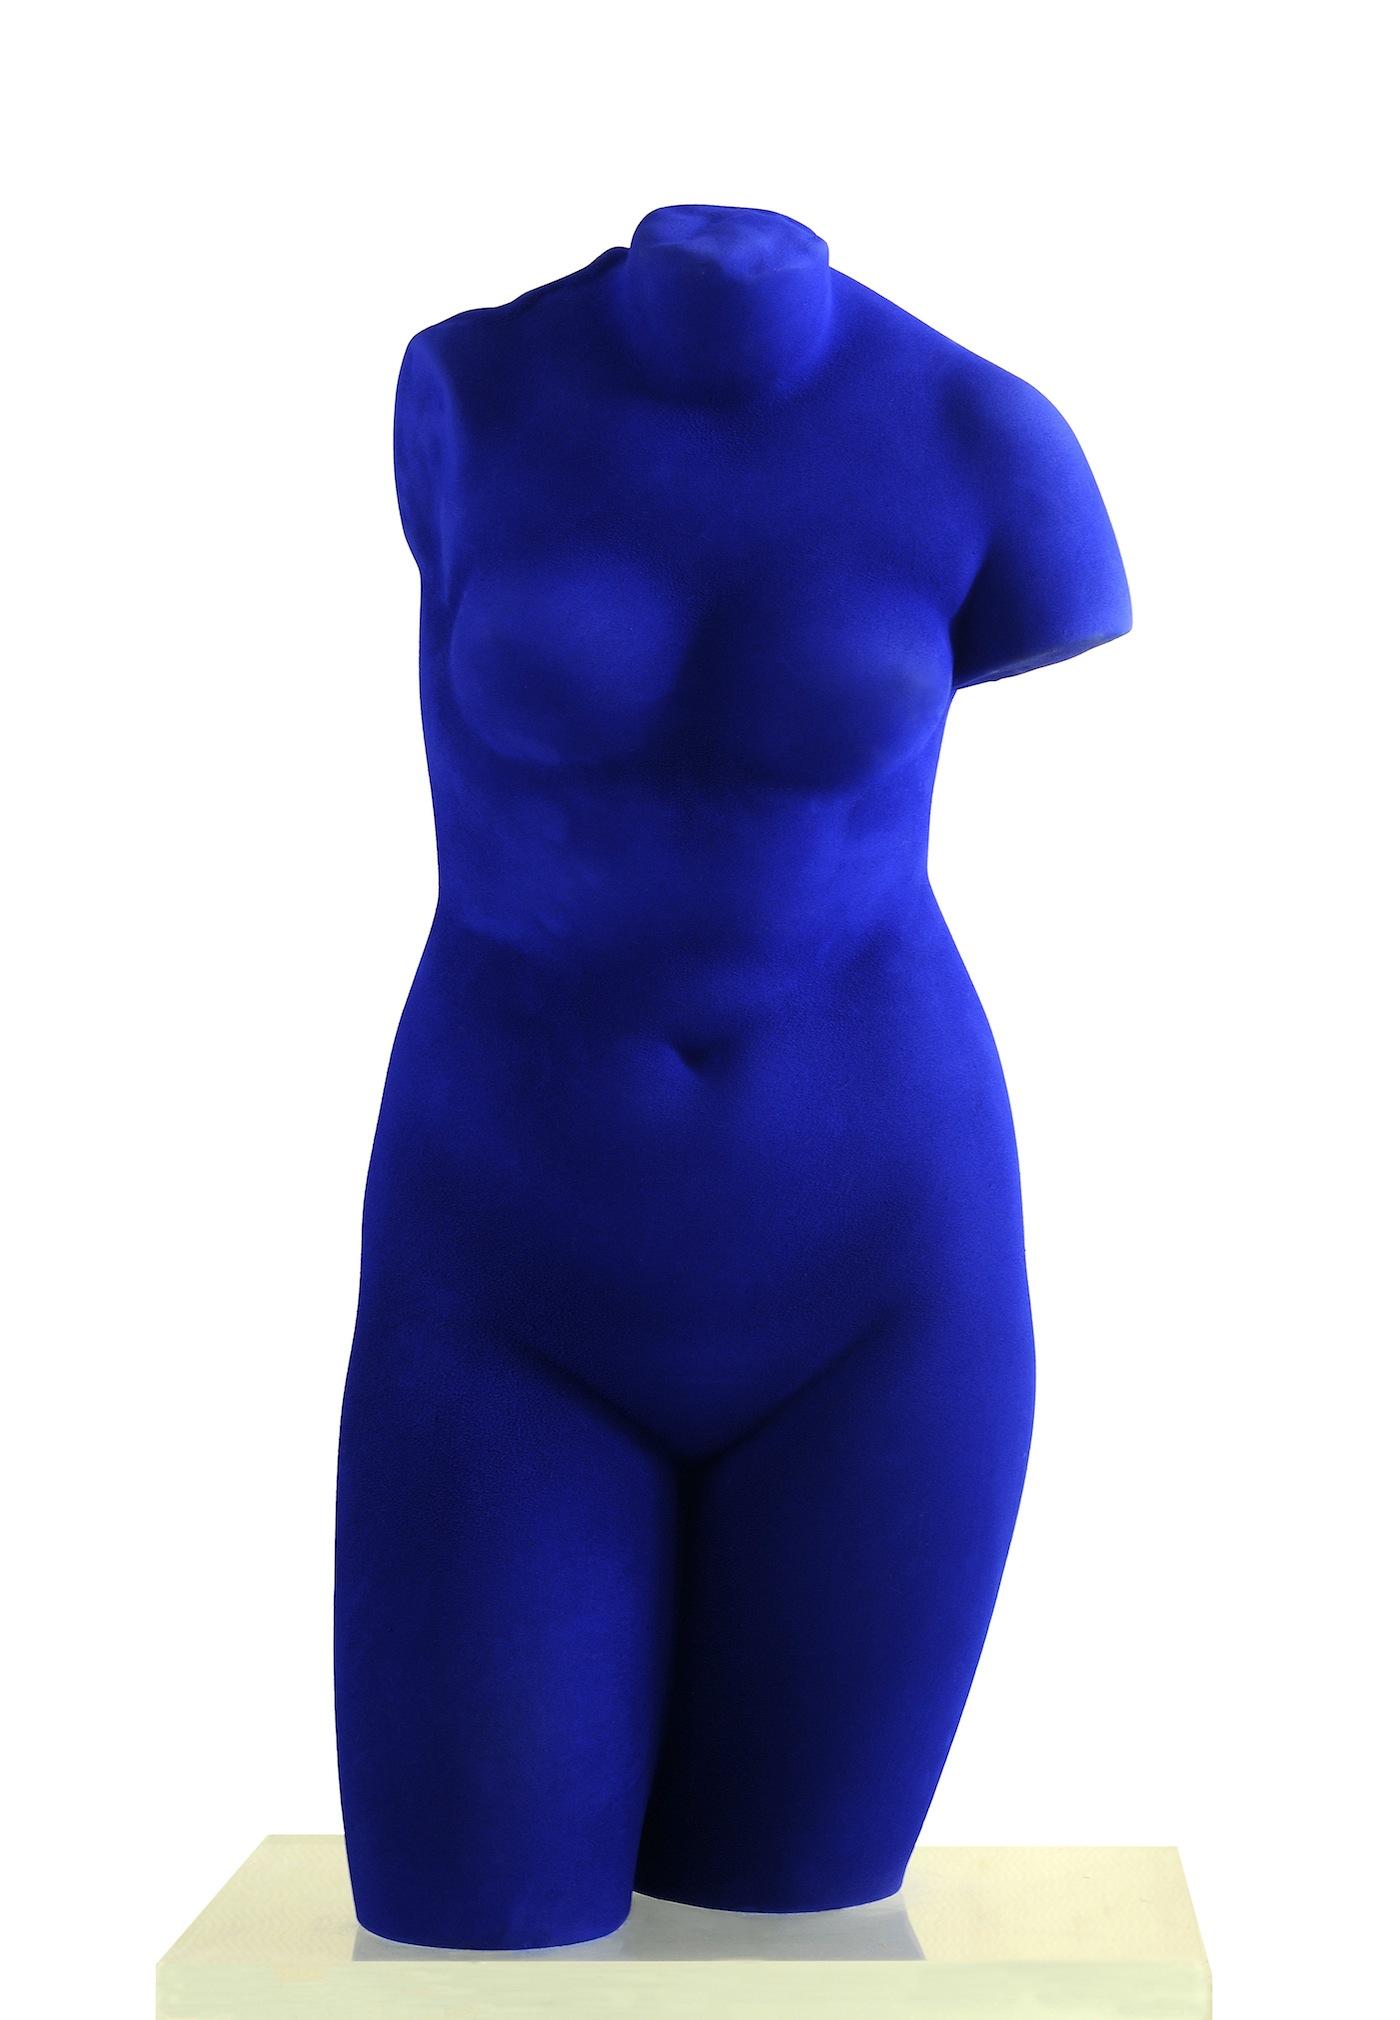 Yves Klein, Venus d'Alexandrie, 1962, pigmento ikb su resina, cm 72×35×26, Collezione privata Stefano Contini